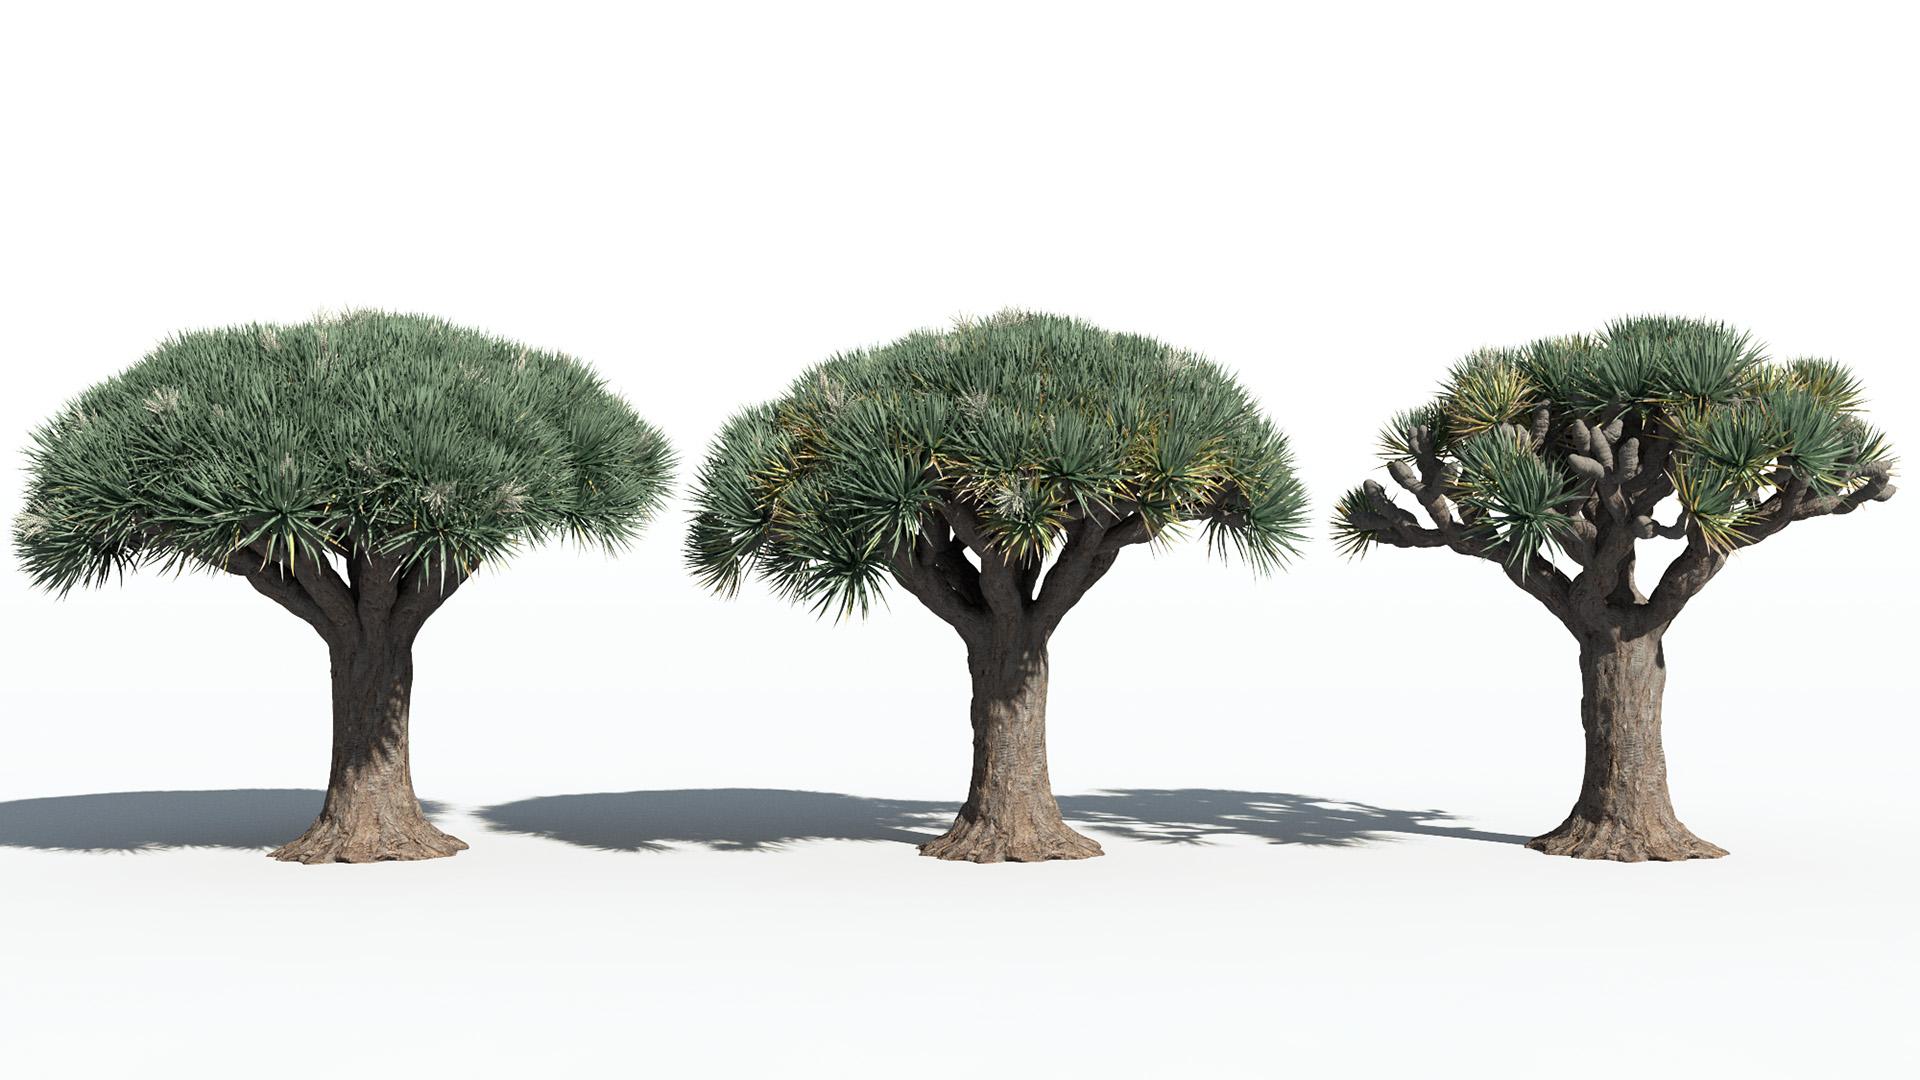 3D model of the Dragon tree Dracaena draco health variations